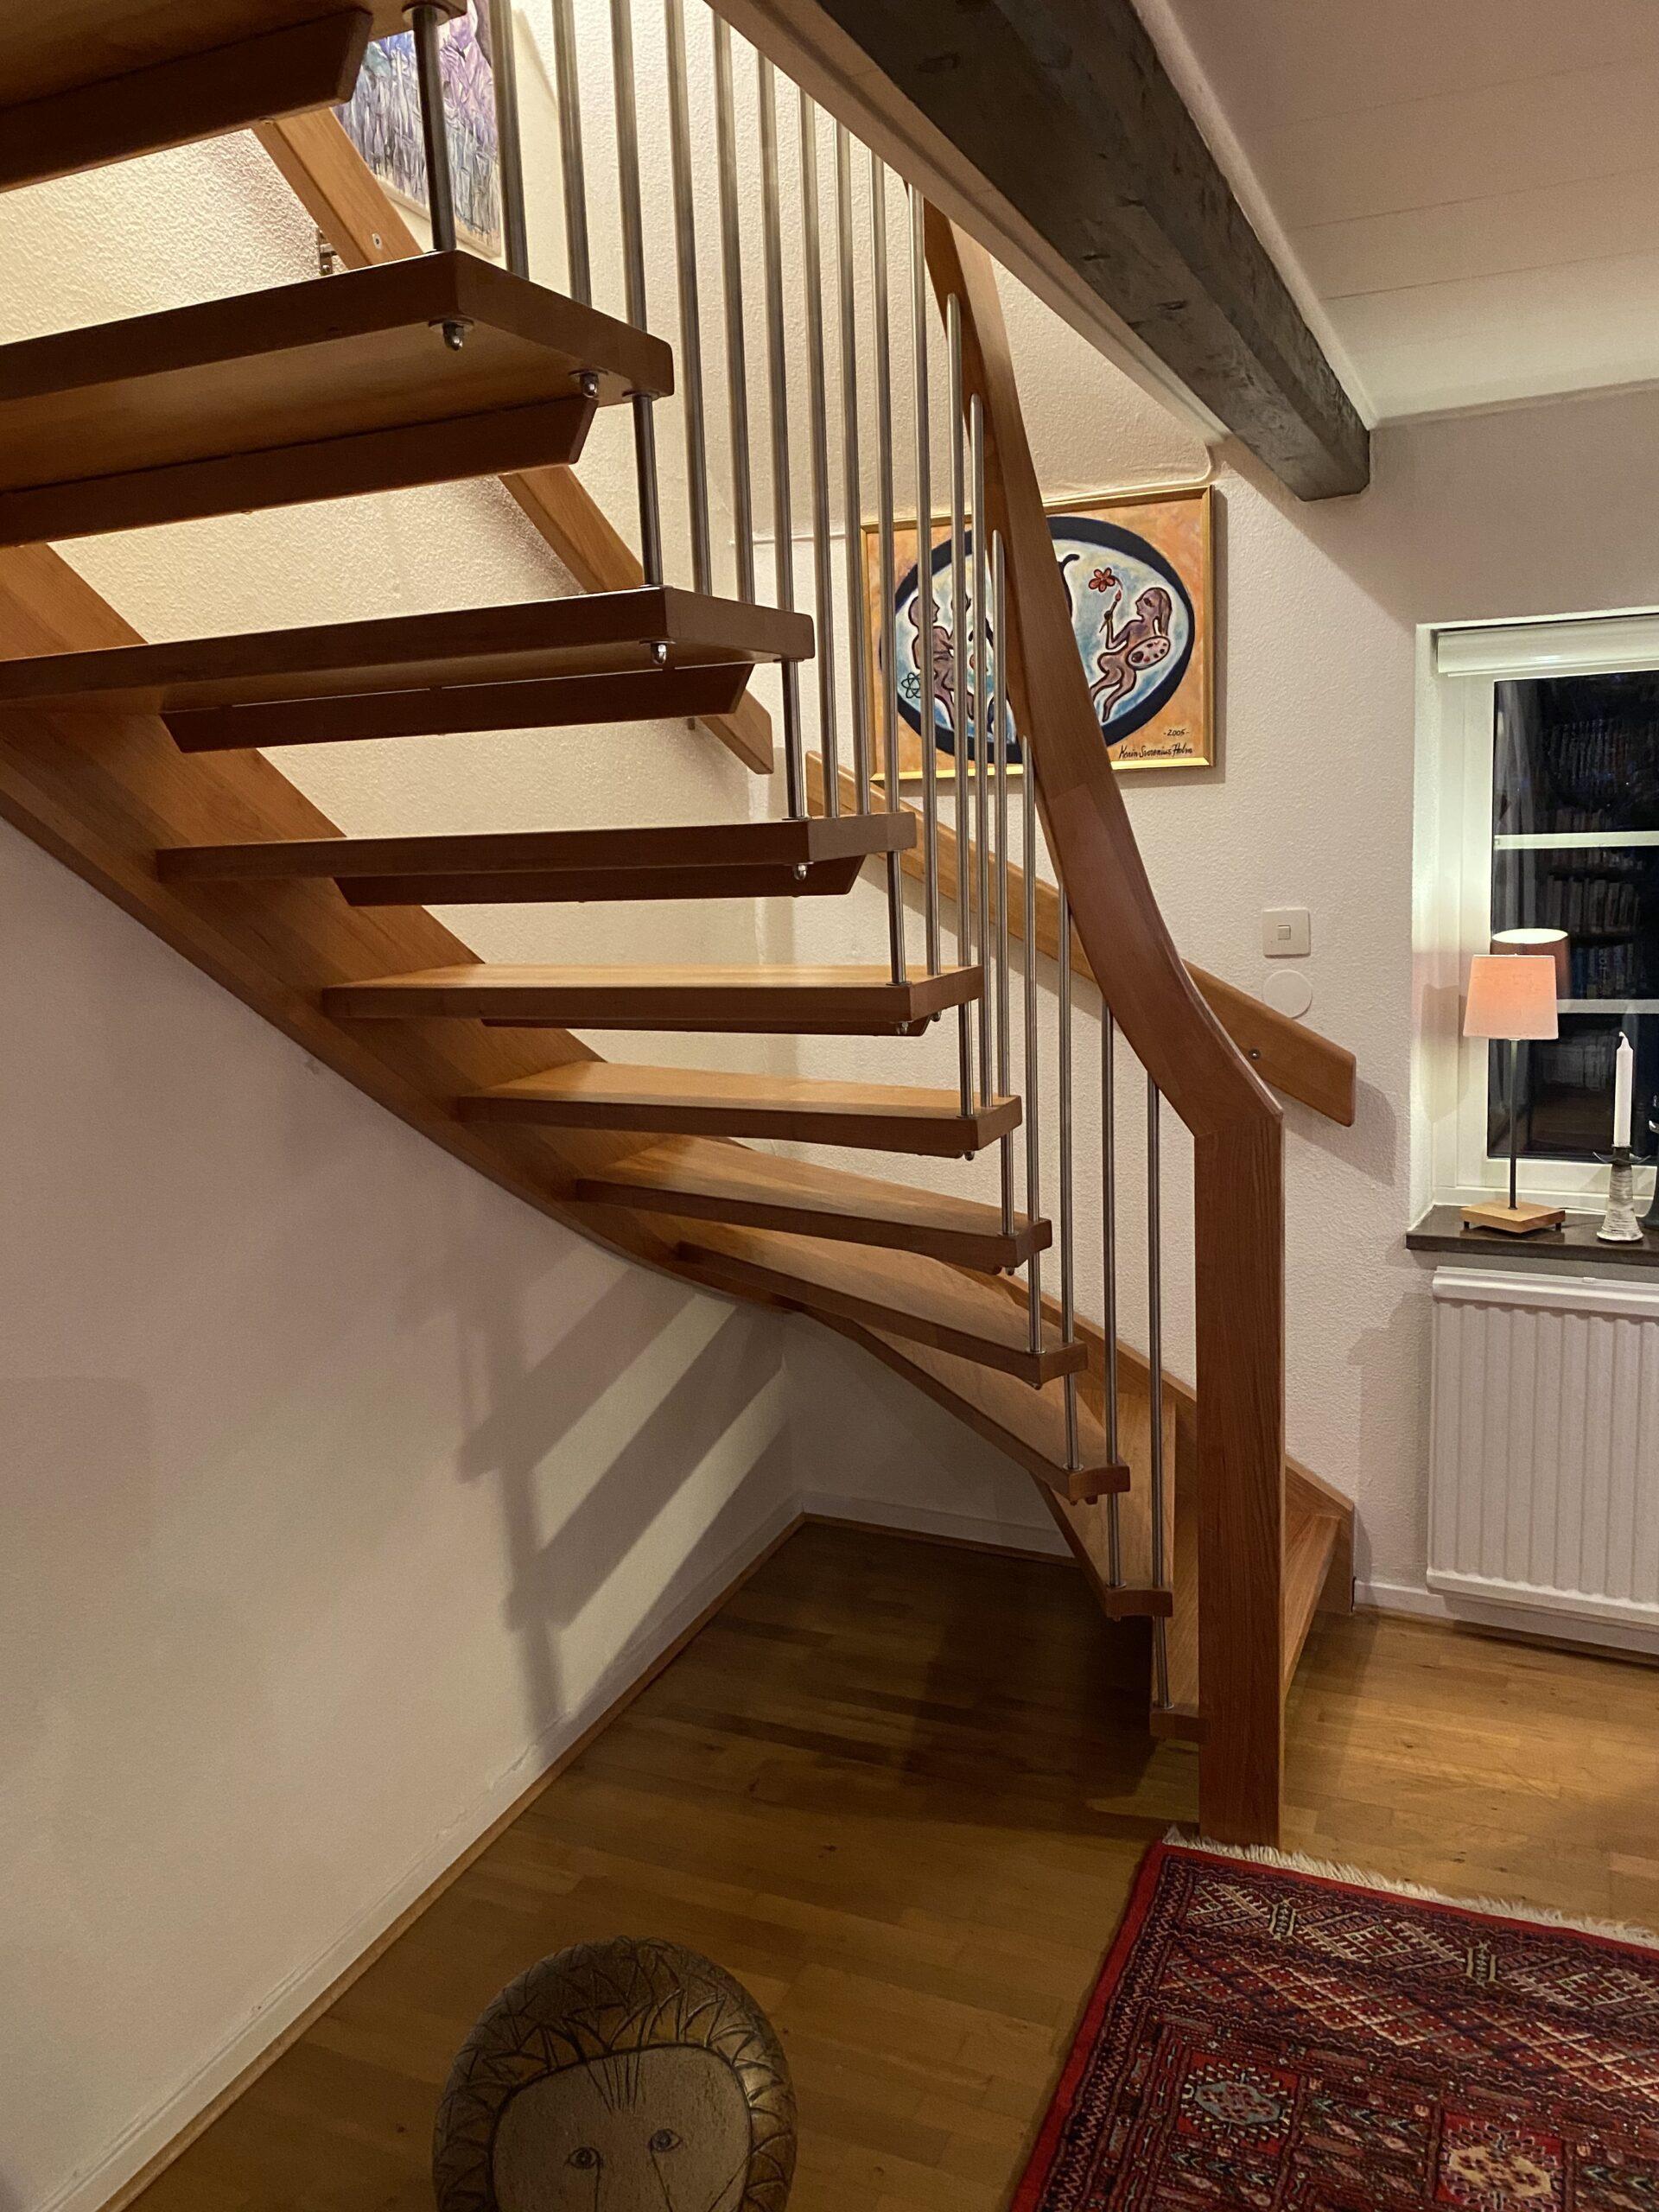 trappa i trä, modern, svängd